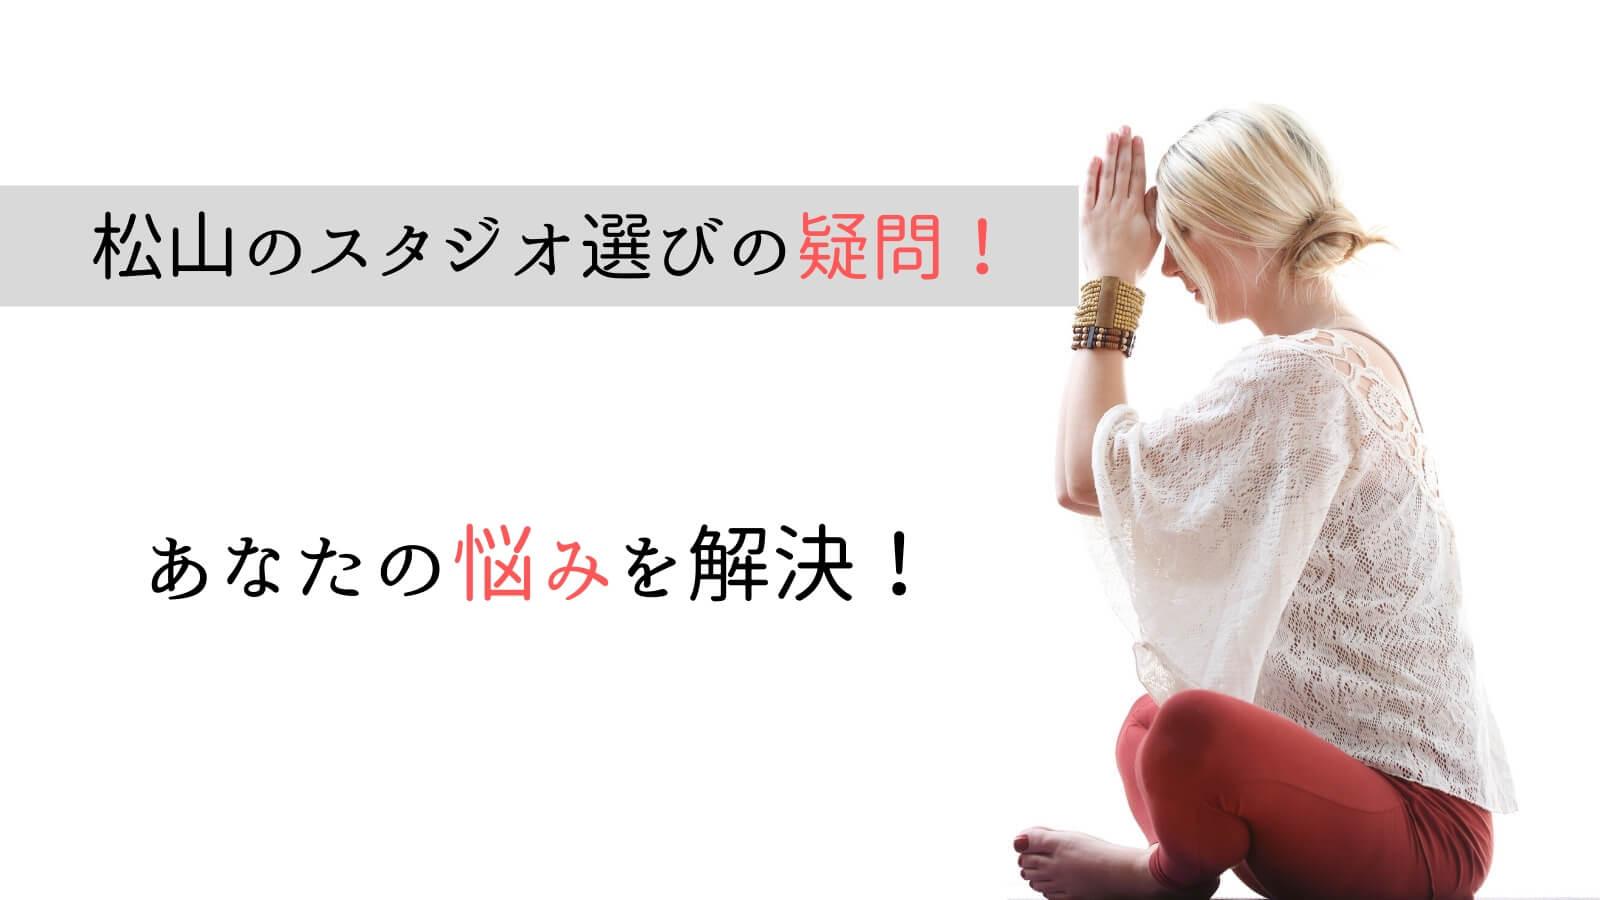 松山でのヨガ・ホットヨガスタジオ選びに関するQ&A